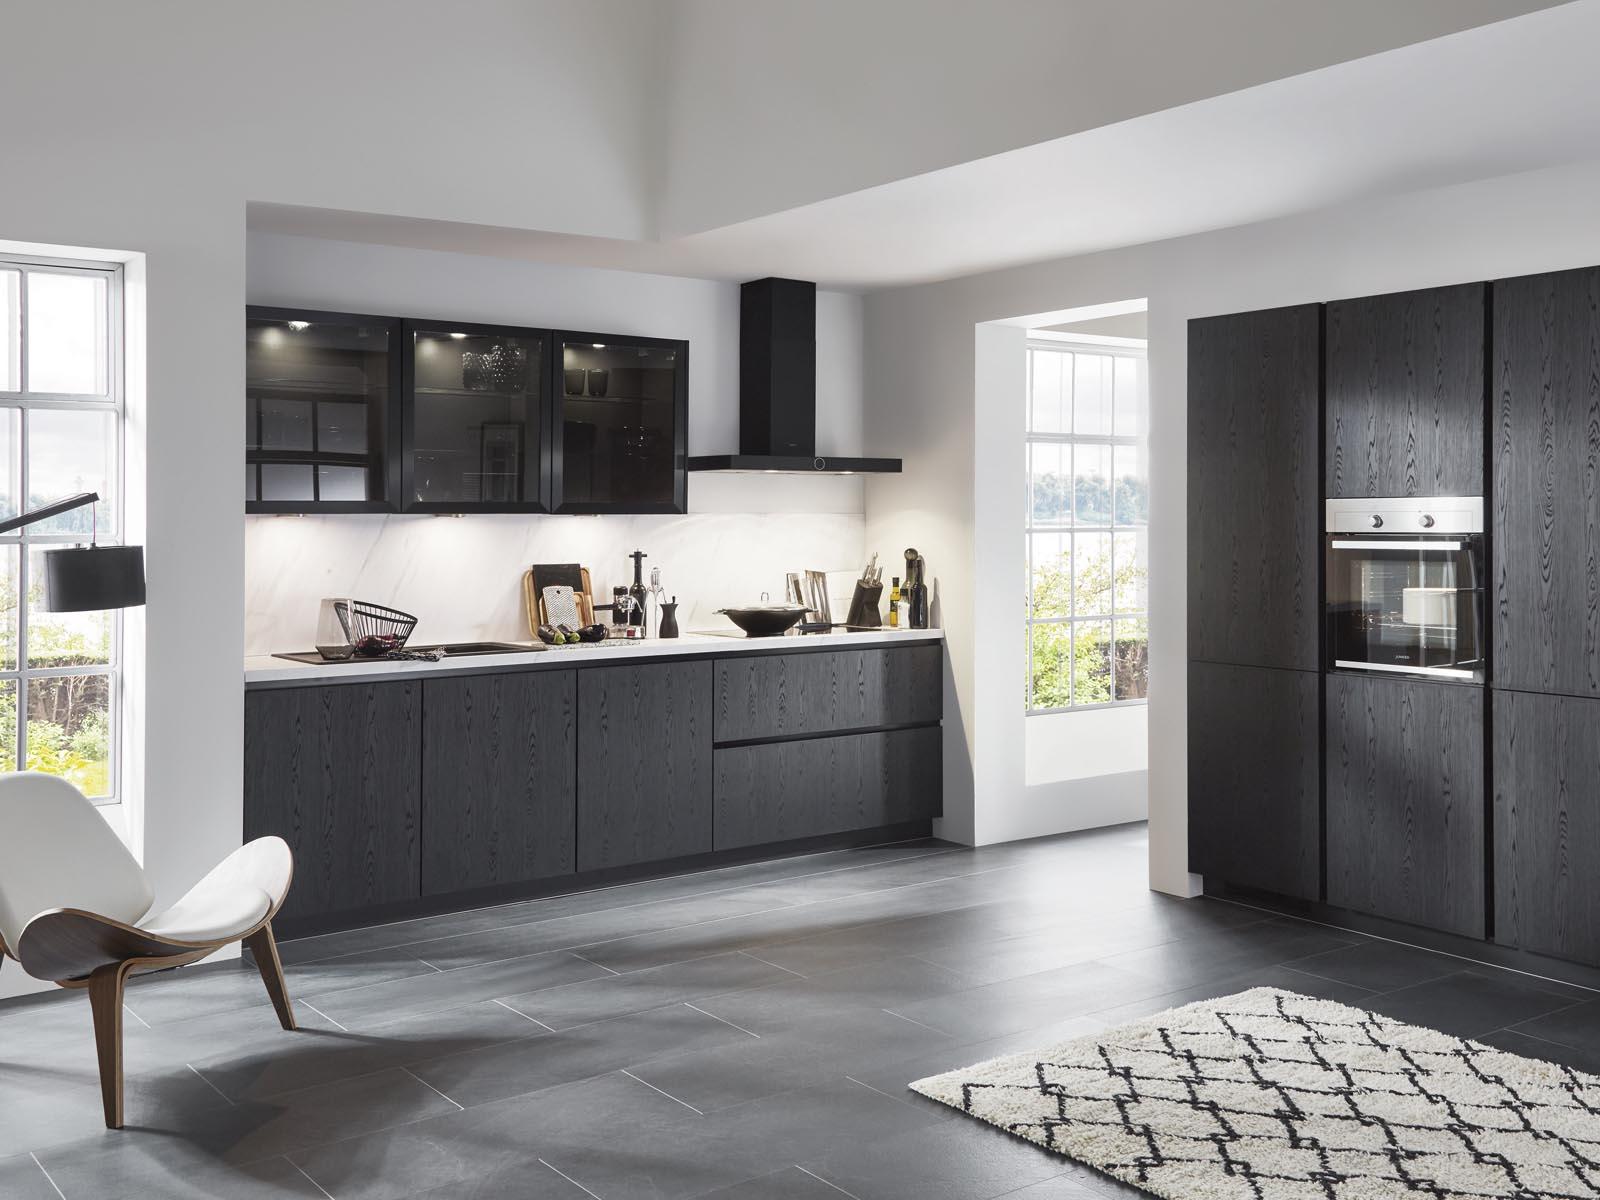 Modern Kitchen Küchentime Structura 403